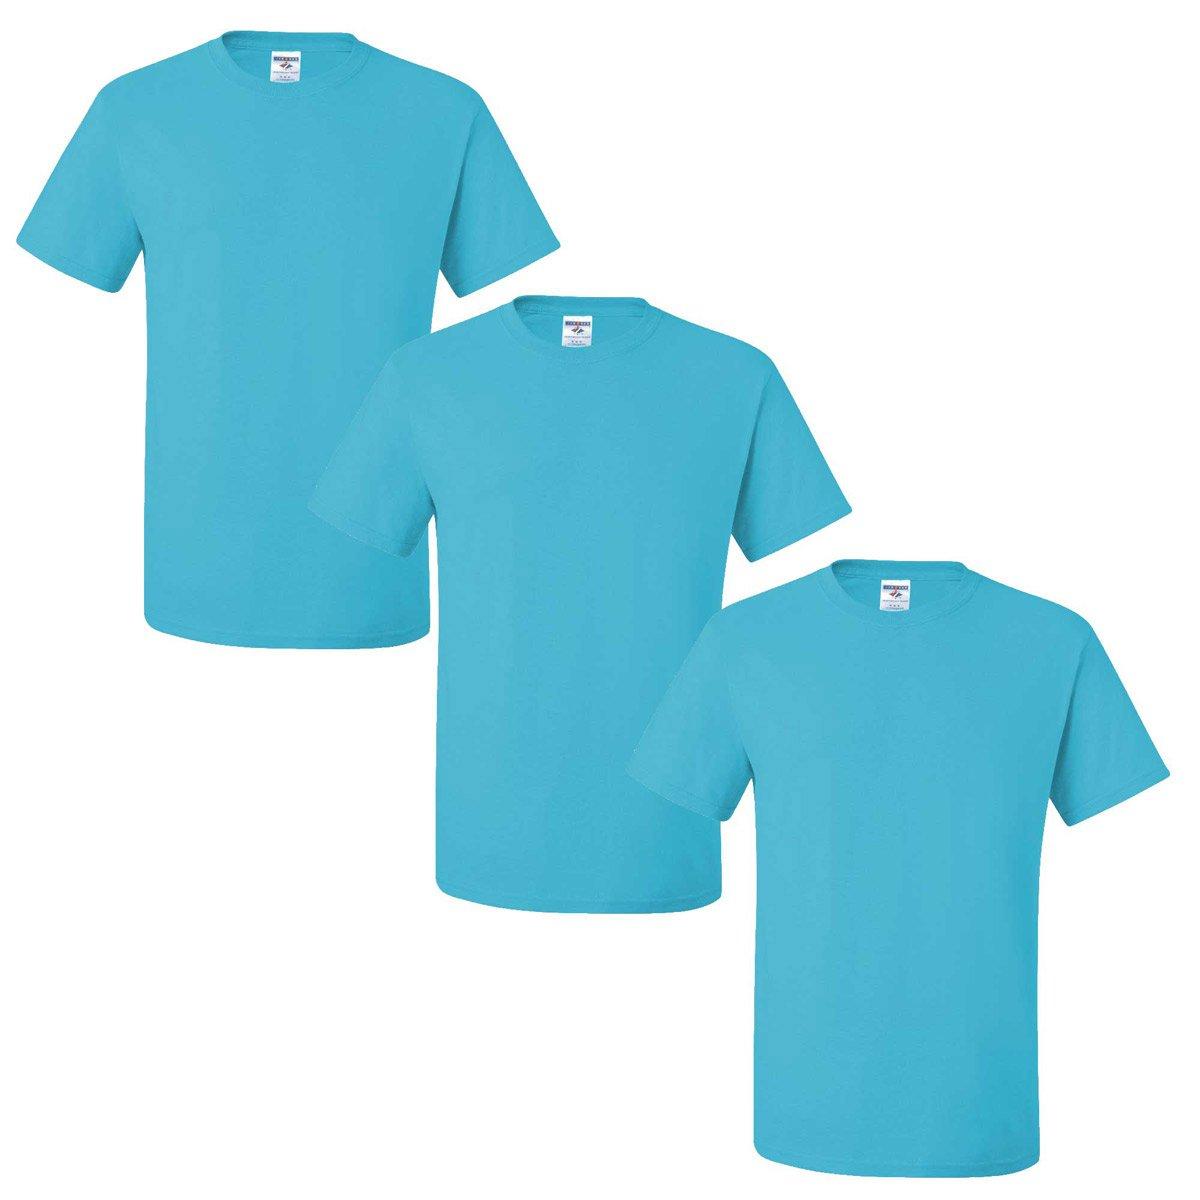 Jerzees メンズ 大人用 半袖Tシャツ(3枚組) B01CZYKFY4 S|アクアティックブルー アクアティックブルー S